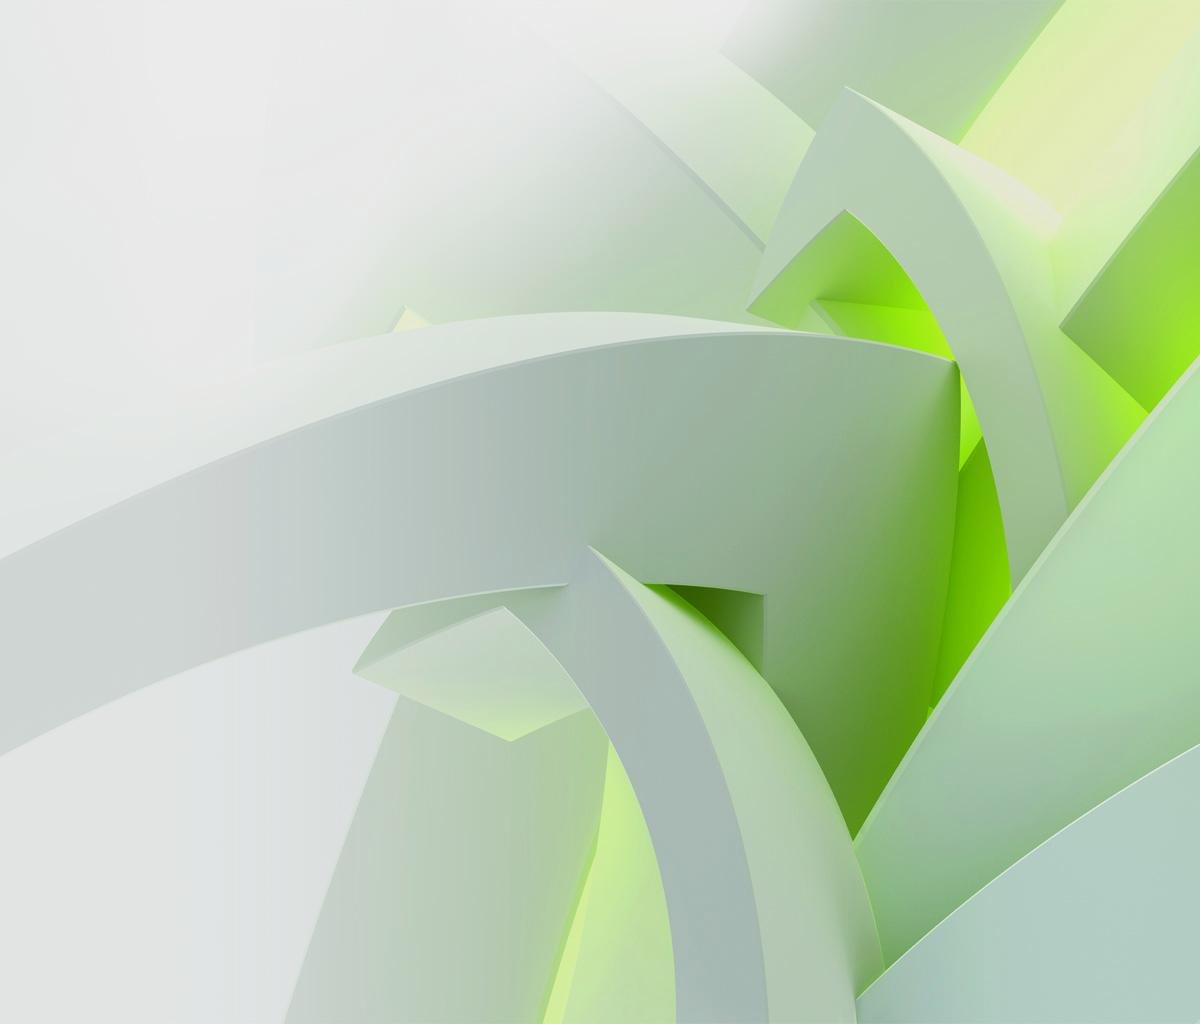 LG Optimus Wallpaper